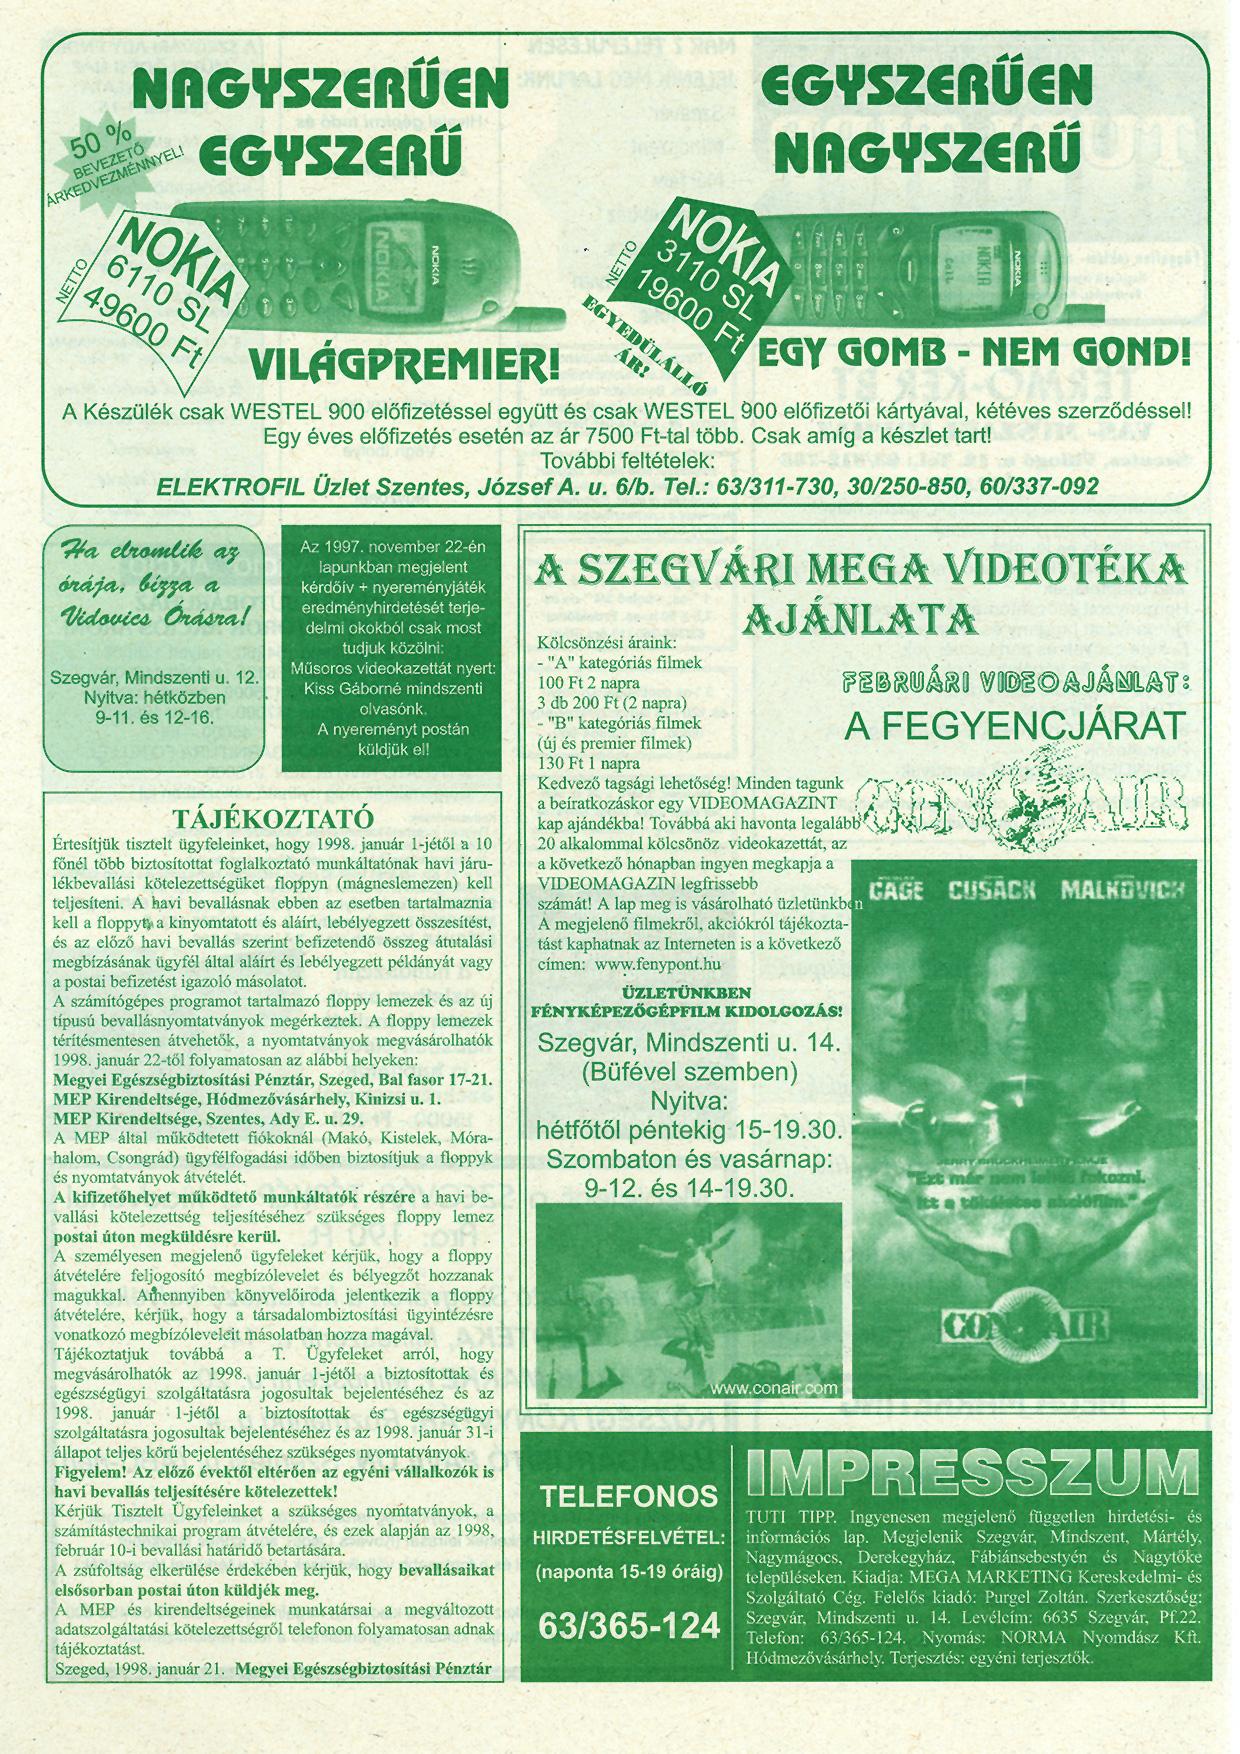 002 Tuti Tipp reklámújság - 19980131-078. lapszám - 2.oldal - IV. évfolyam.jpg